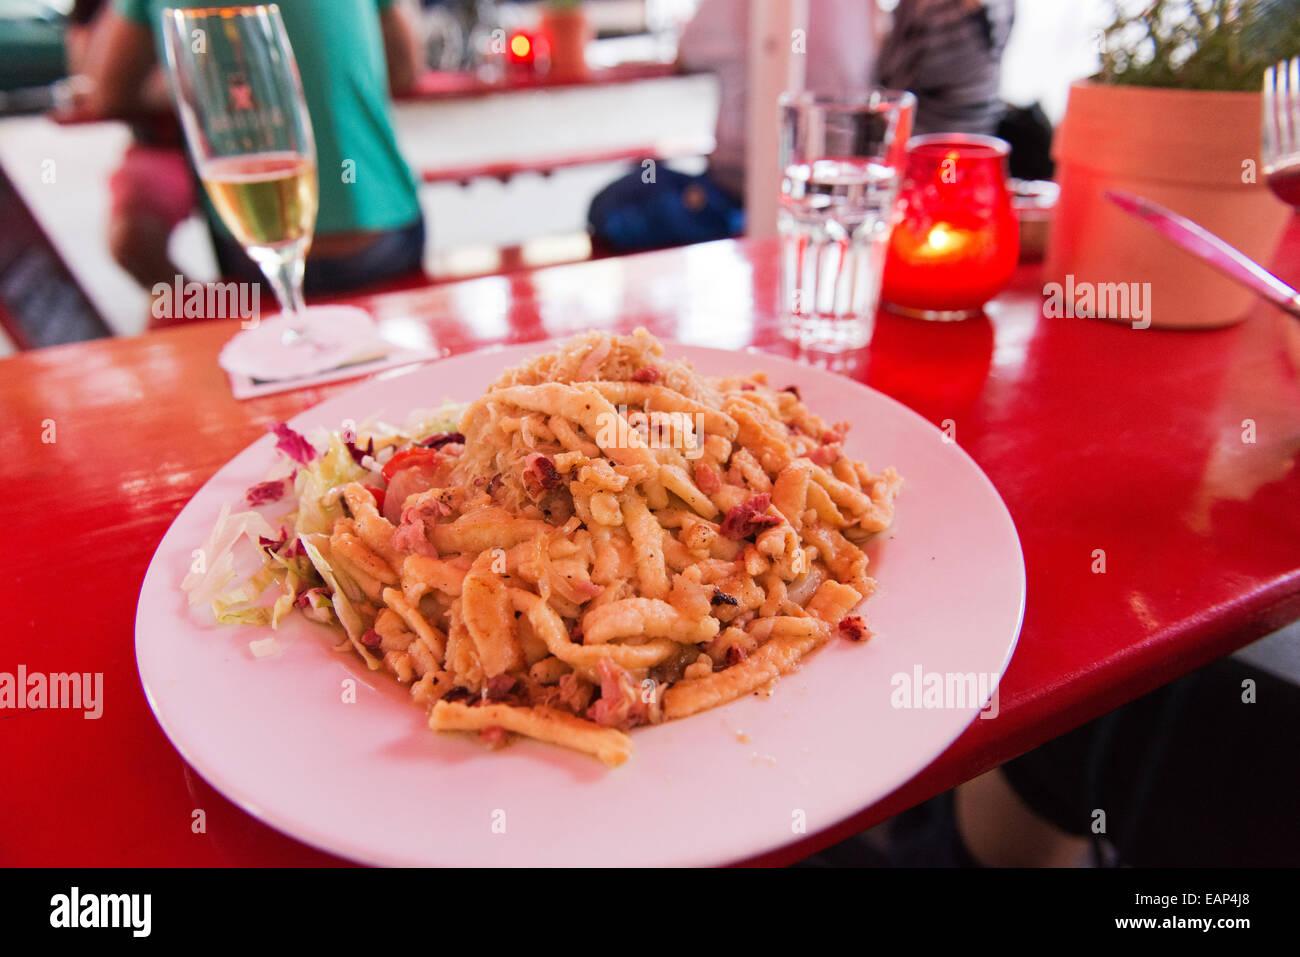 Spatzle Eine Traditionelle Deutsche Kuche Serviert In Einem Budget